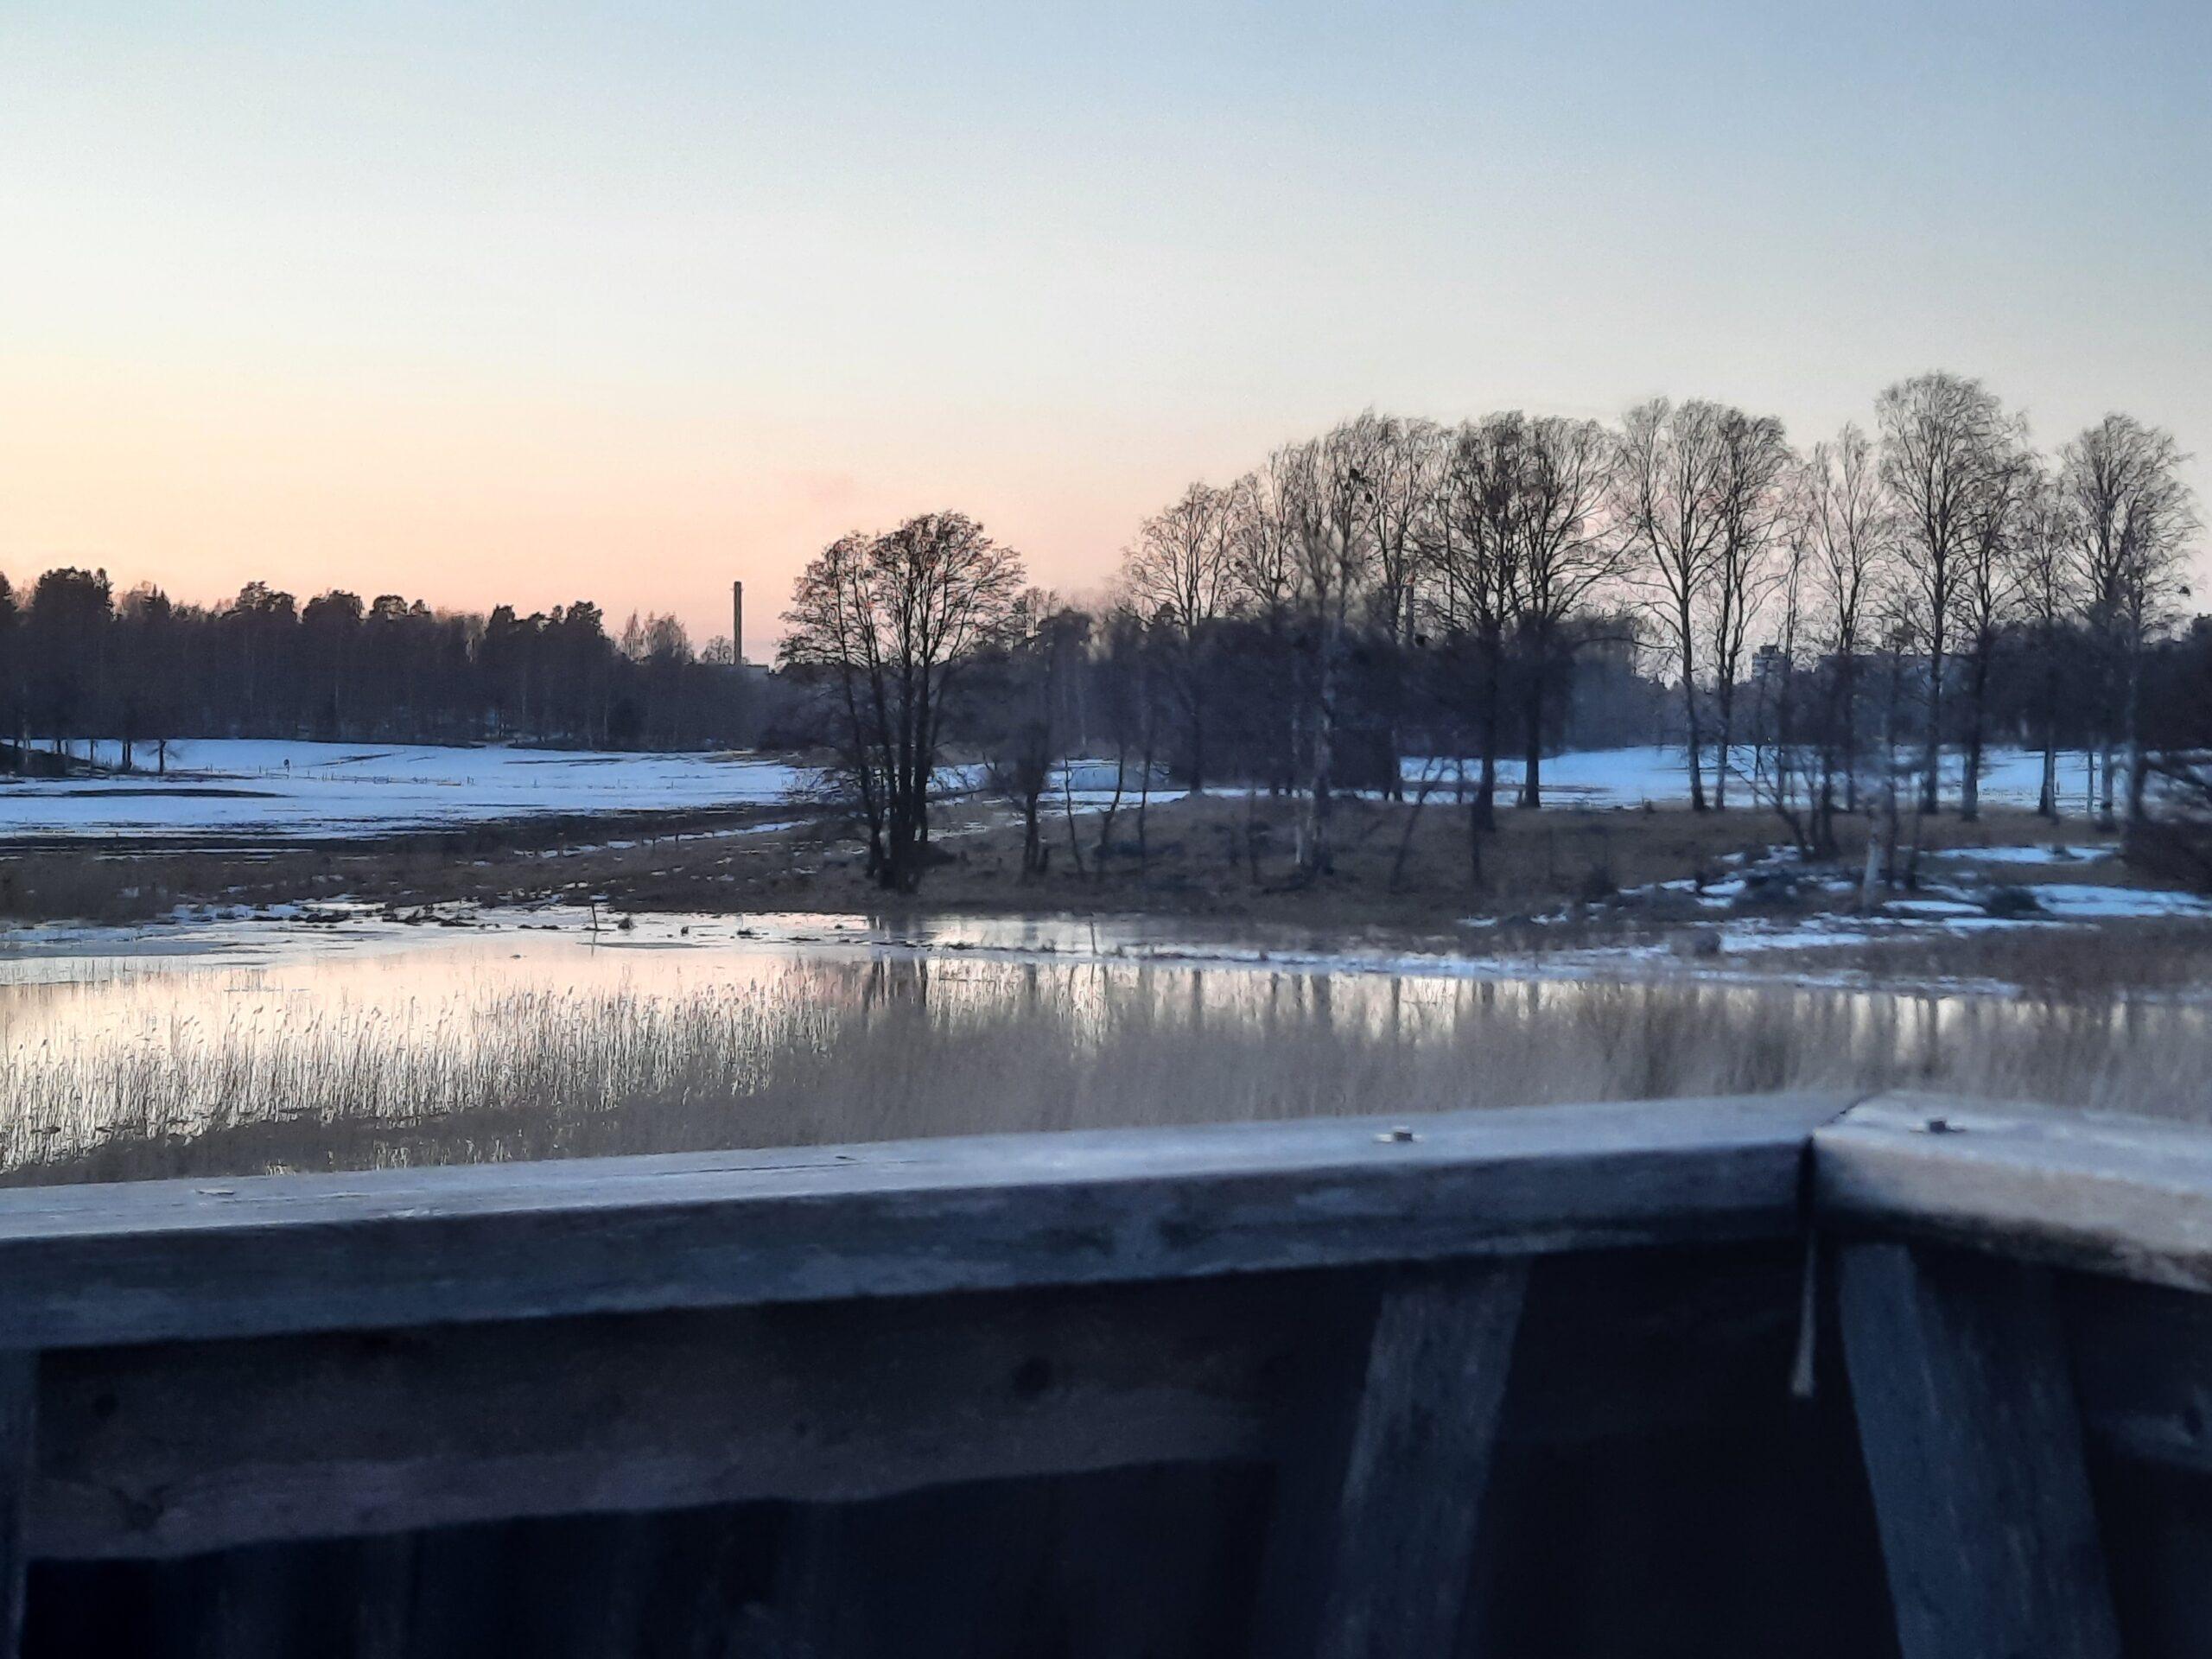 Kuva lintulavalta. Näkyy puita, kosteikkoa, lunta ja etualalla lintulavan seinämä.